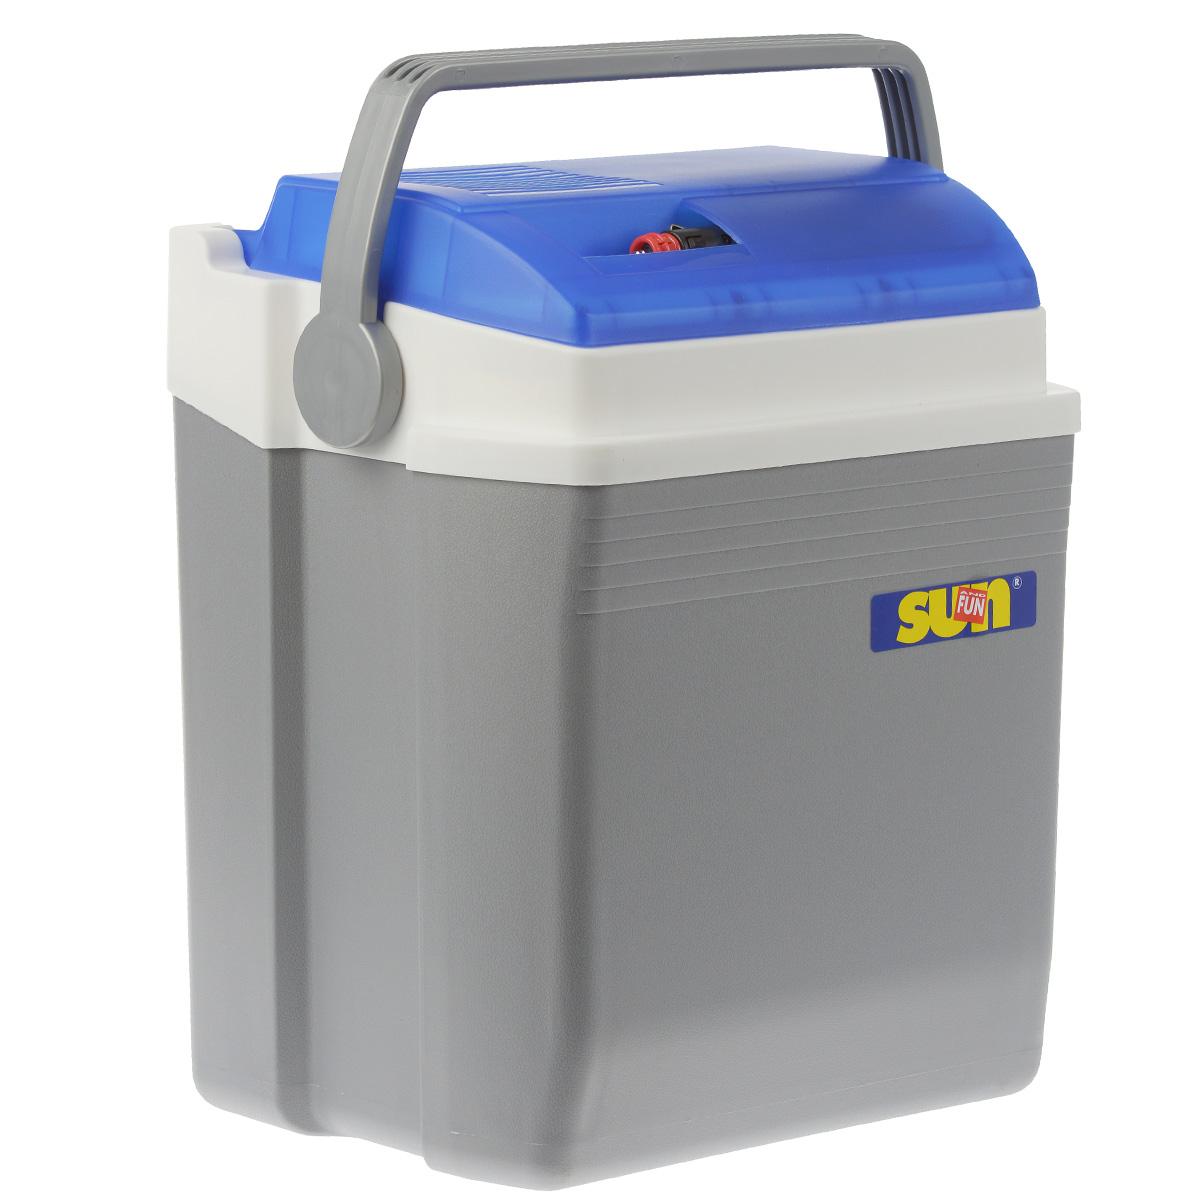 Автомобильный холодильник Ezetil E, цвет: голубой, серый, 21 л10775036Малогабаритный электрический холодильник Ezetil E предназначен для хранения и транспортировки предварительно охлажденных продуктов и напитков. Контейнер удобно использовать в салоне автомобиля в качестве портативного холодильника. Он легко поместится в любой машине! Особенности автомобильного холодильника Ezetil E:- Выполнен из прочного пластика высокого качества;- Работает от бортовой сети автомобиля 12В или от сети переменного тока 220В;- Внутри контейнера имеется вместительный отсек для хранения продуктов и напитков;- Подходит для хранения 1,5-литровых бутылок в вертикальном положении;- Крышка холодильника открывается одной рукой;- Встроенный вентилятор, изоляция из пеноматериала и отсек для хранения шнура питания от сети и штекера прикуривателя (12В) вмонтирован в крышку;- Дополнительный внутренний вентилятор в холодильной камере обеспечивает быстрое и равномерное охлаждение;- Мощная, не нуждающаяся в техобслуживании охлаждающая система Peltier гарантирует оптимальную производительность по холоду;- Работает под любым углом наклона;- Действенная изоляция с наполнителем из пеноматериала поддерживает в холодном состоянии пищу и напитки в течение длительного времени, в том числе и без подачи электроэнергии;- Специальная уплотнительная резинка в крышке уменьшает образование конденсата в холодильной камере;- Для удобной переноски автомобильный холодильник снабжен надежной пластиковой ручкой.Такой компактный и вместительный холодильник послужит отличным аксессуаром для вашего автомобиля!Материал: пластик, металл, пеноматериал.Напряжение: 12B, 220В.